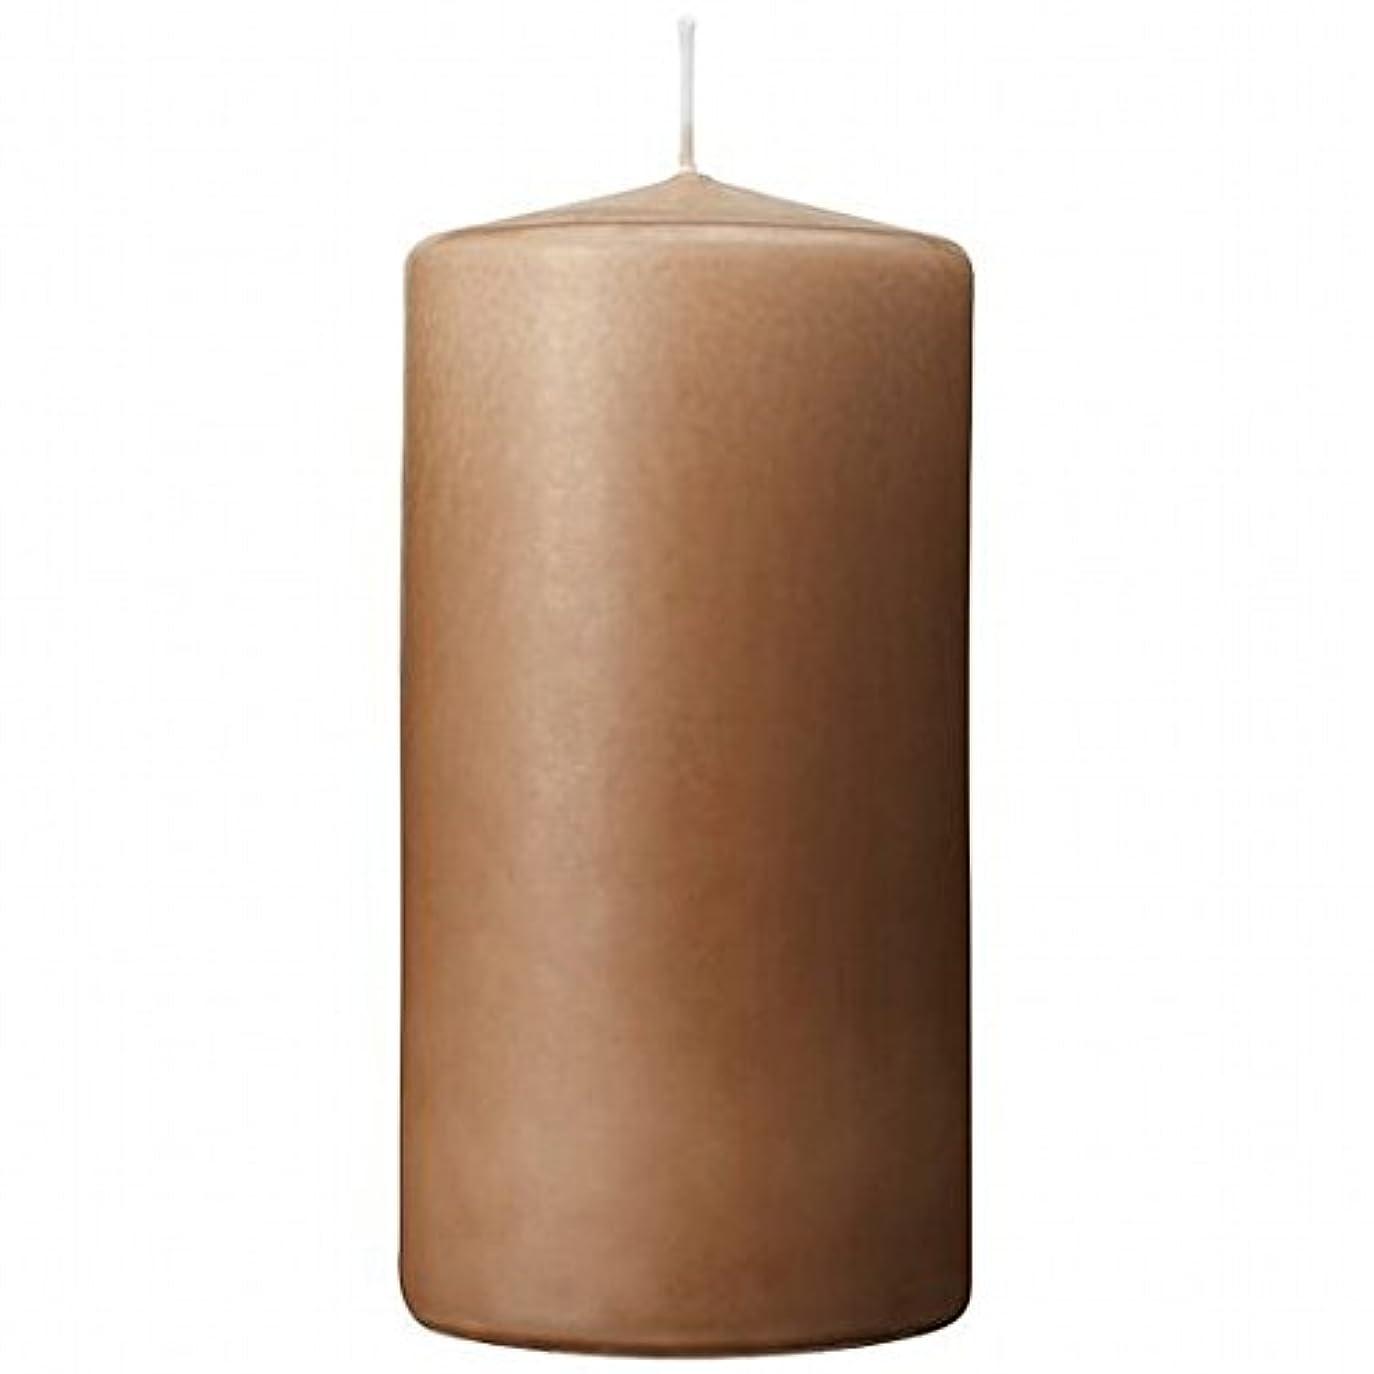 経済的冗談で同様のkameyama candle(カメヤマキャンドル) 3×6ベルトップピラーキャンドル 「 モカ 」(A9730010MO)